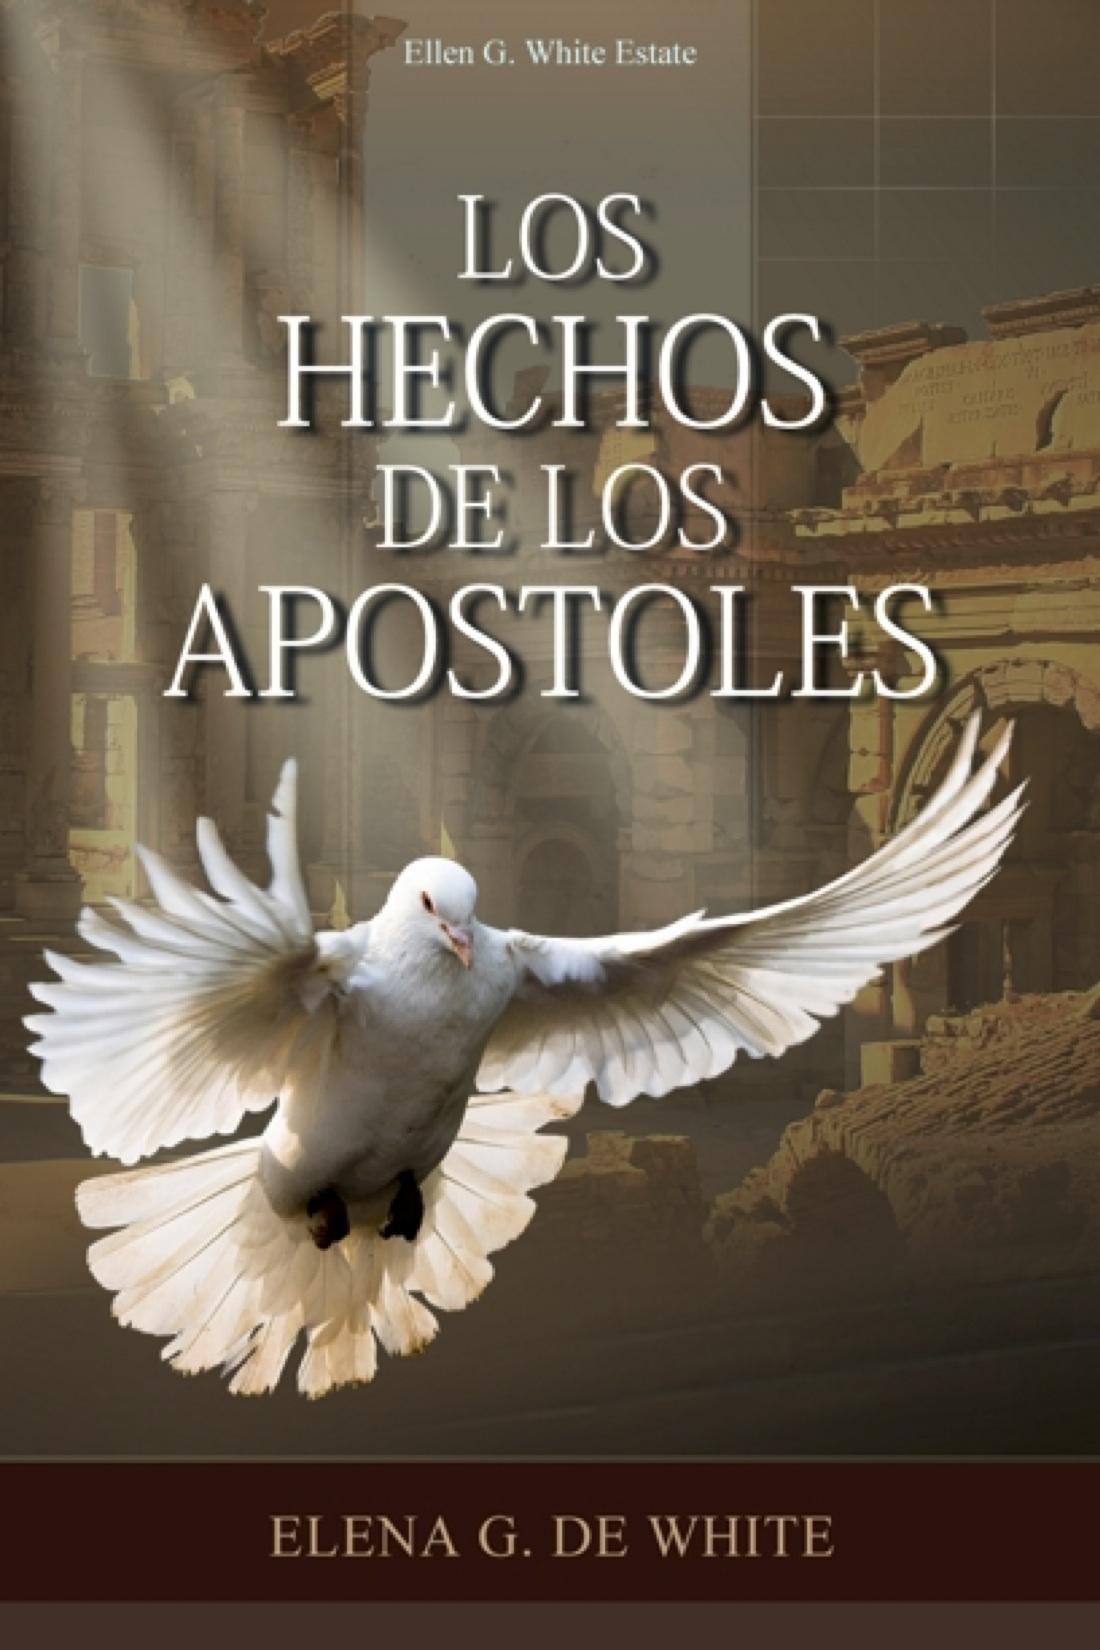 Libro para descargar: Los Hechos de los Apóstoles – Pedro